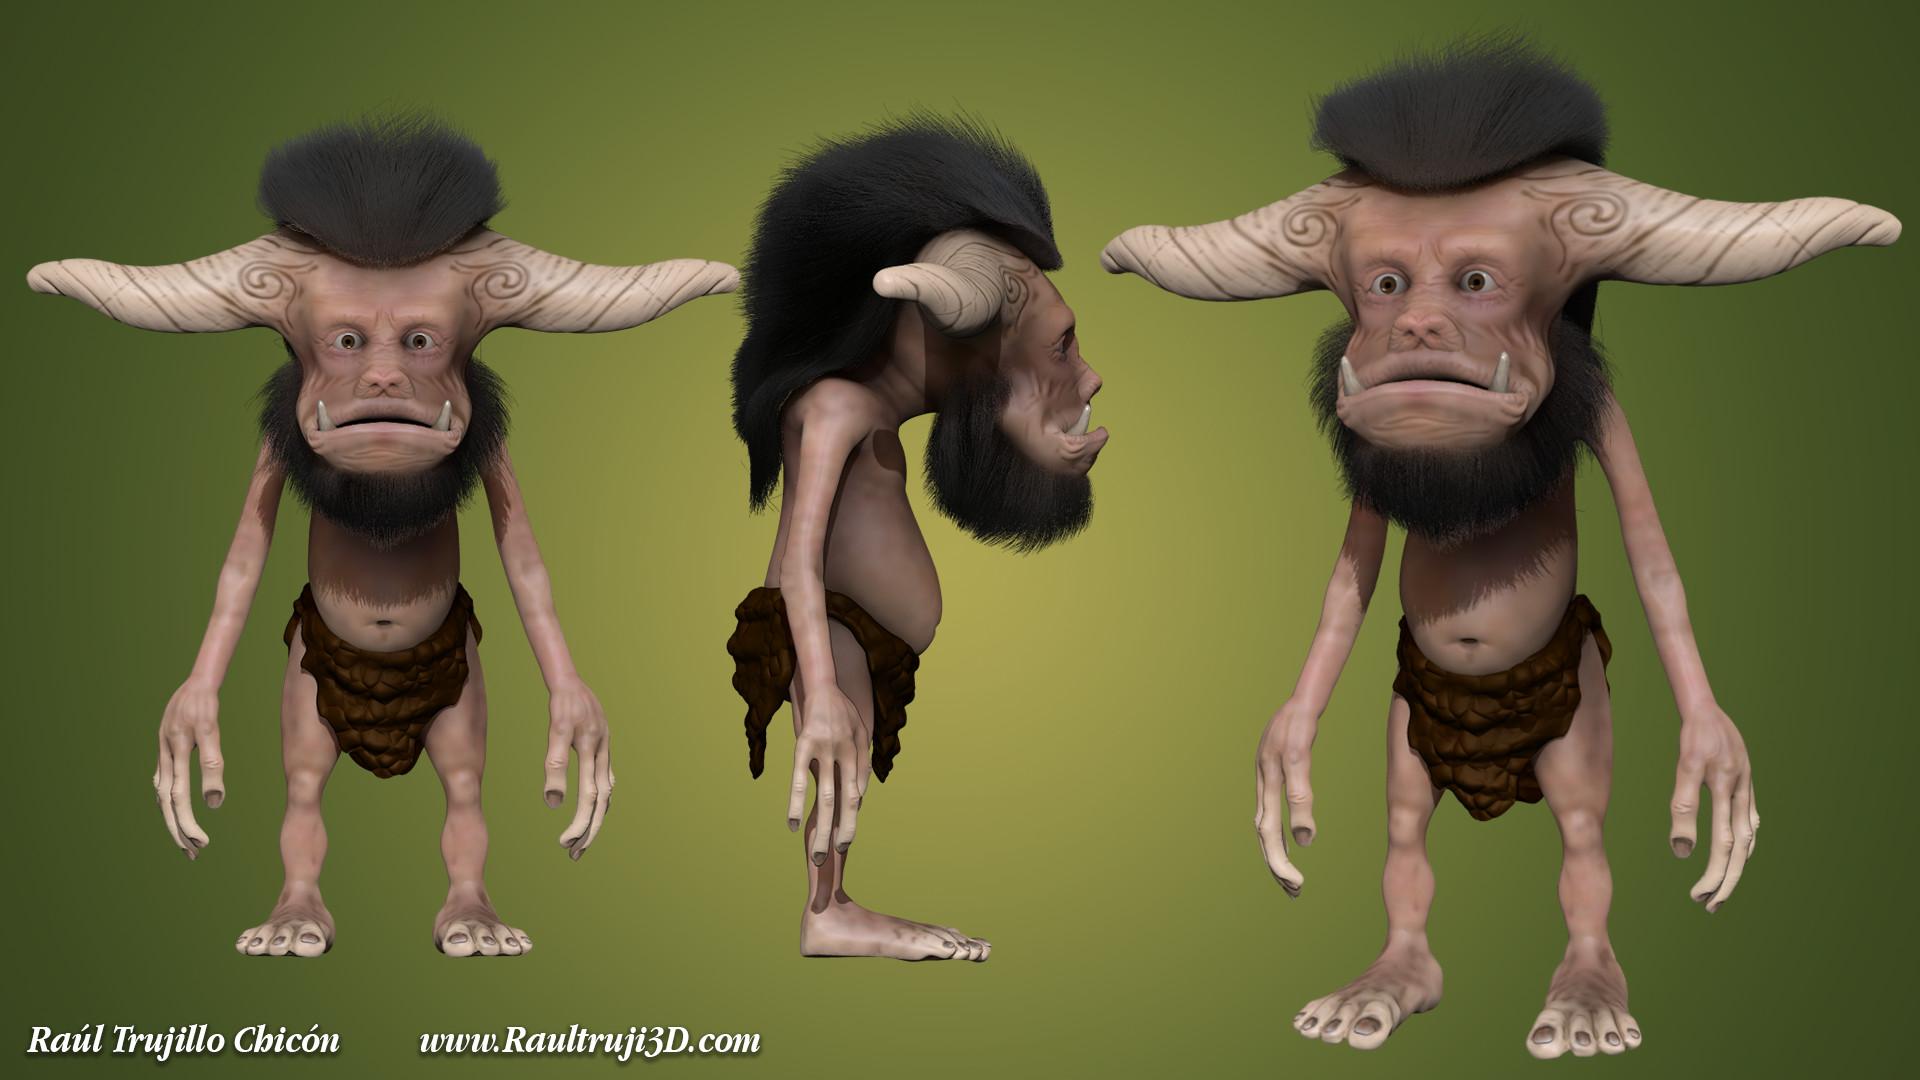 Raul trujillo chicon criatura 2 1